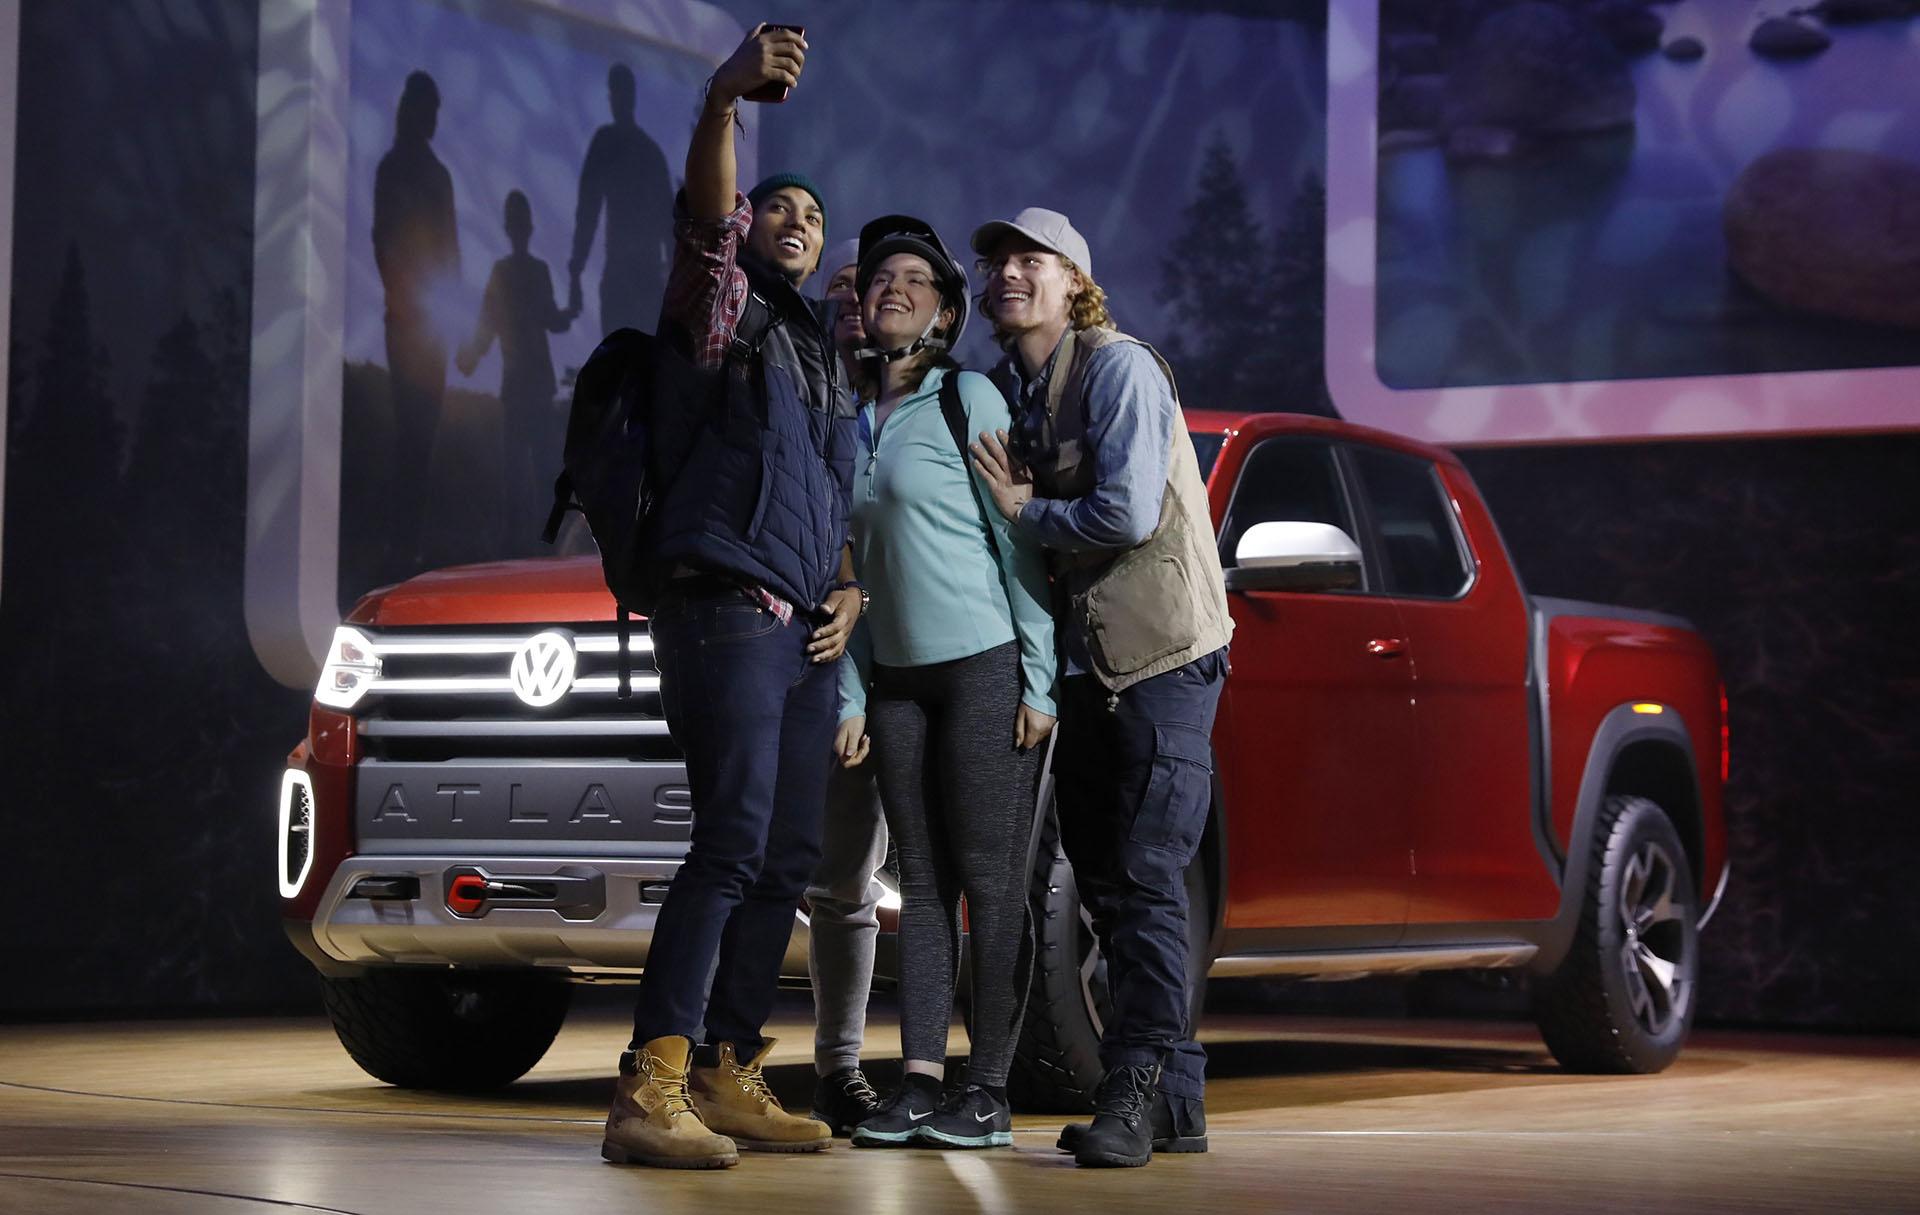 La selfie de un grupo de jóvenes con la Tanoak de fondo, una pick up que no será global ni tradicional como la Amarok, según las presunciones que difundió la marca. El modelo reviste la misma filosofía del Atlas aunque con una imagen más off-road